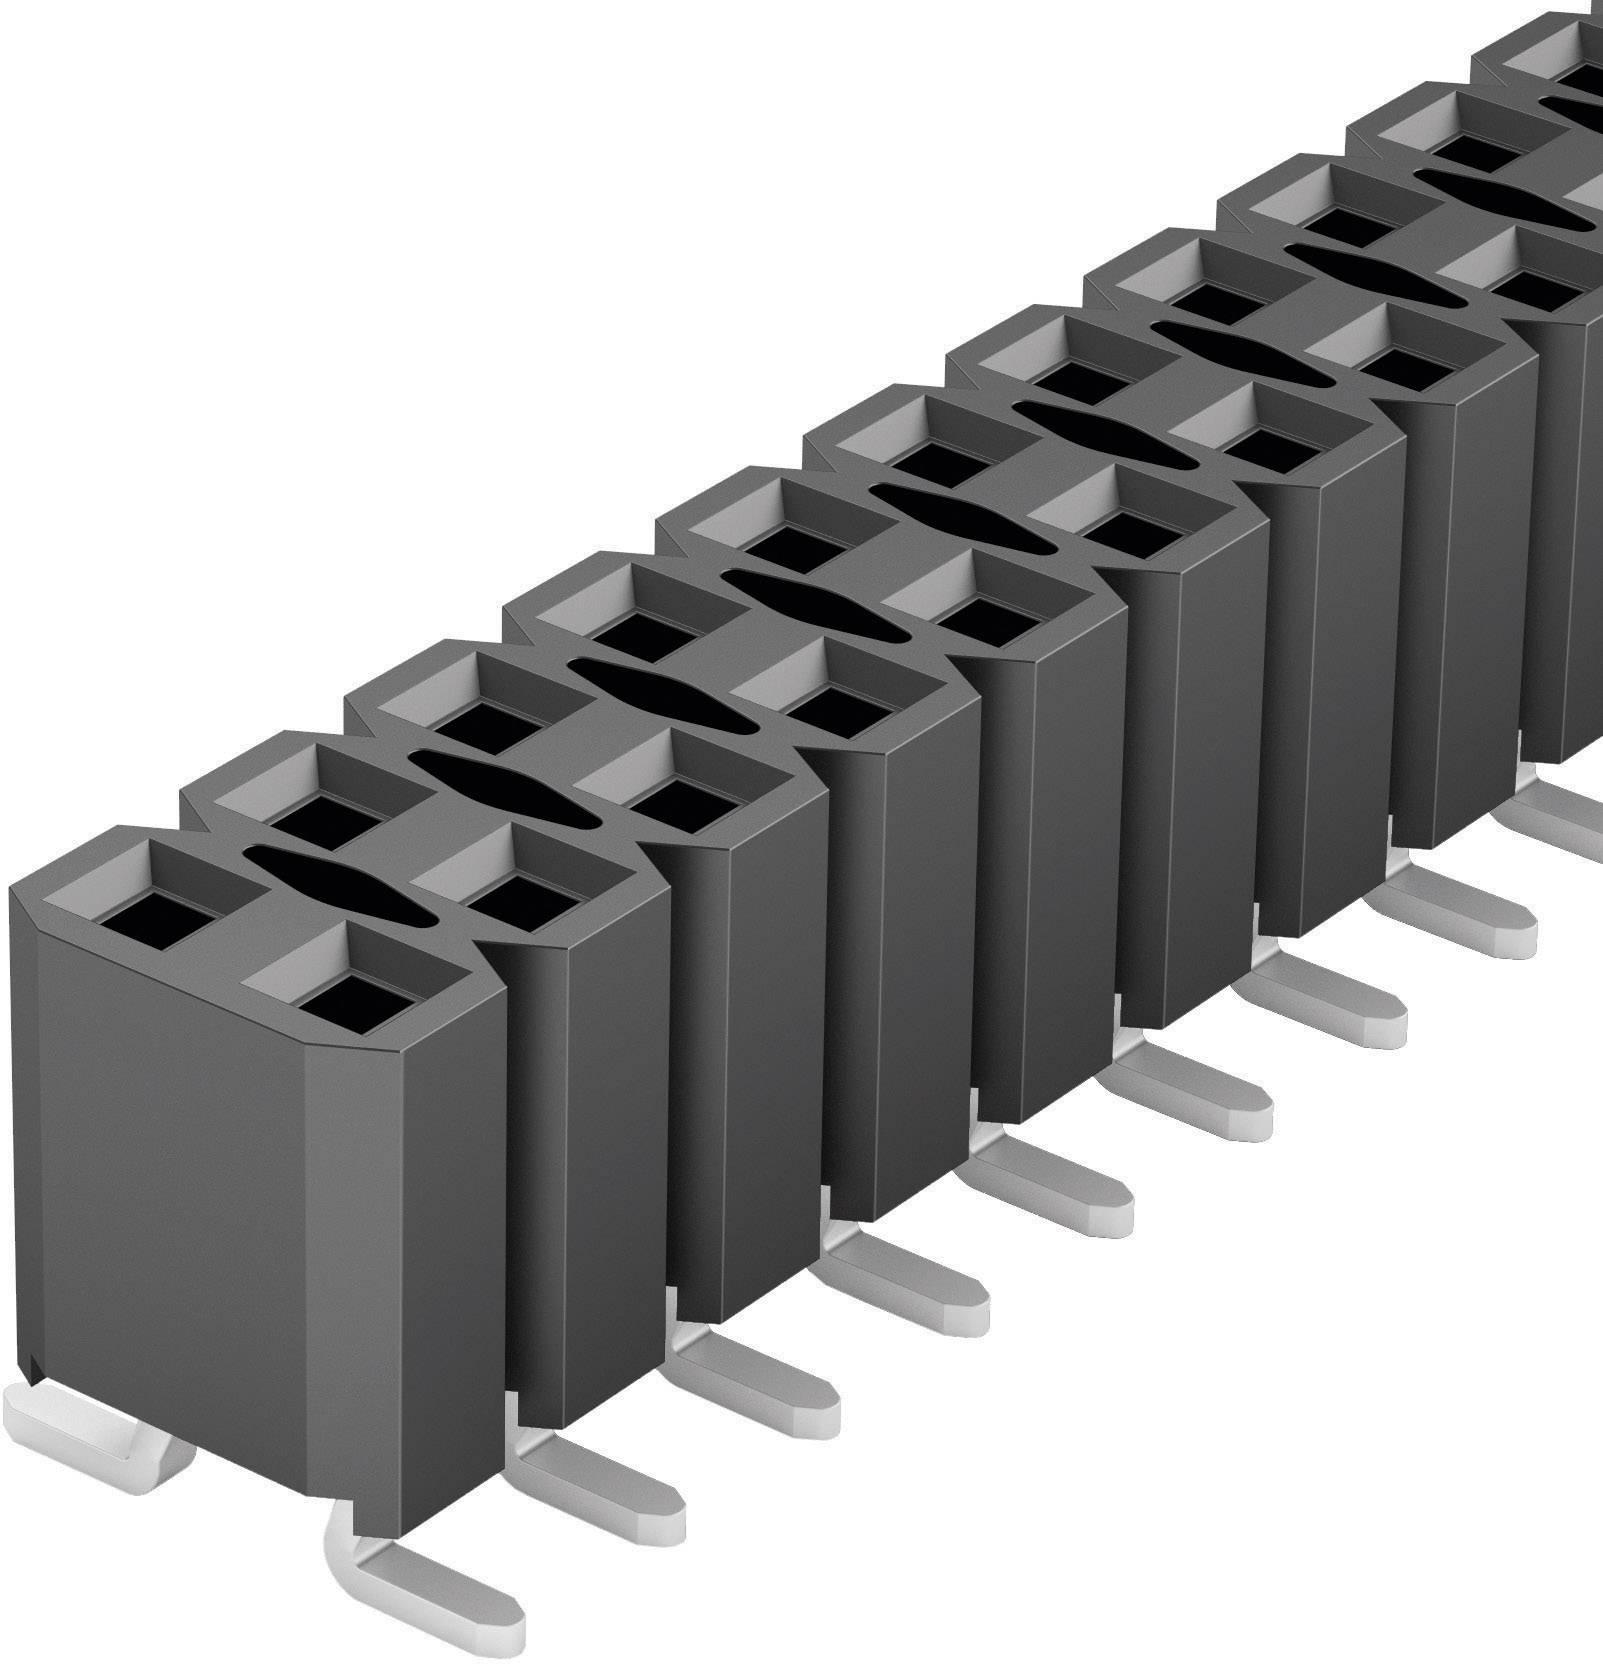 Zásuvková lišta (štandardná) Fischer Elektronik BL LP 6 SMD/ 40/Z, řádky 2, kontakty na řádek 20, 1 ks